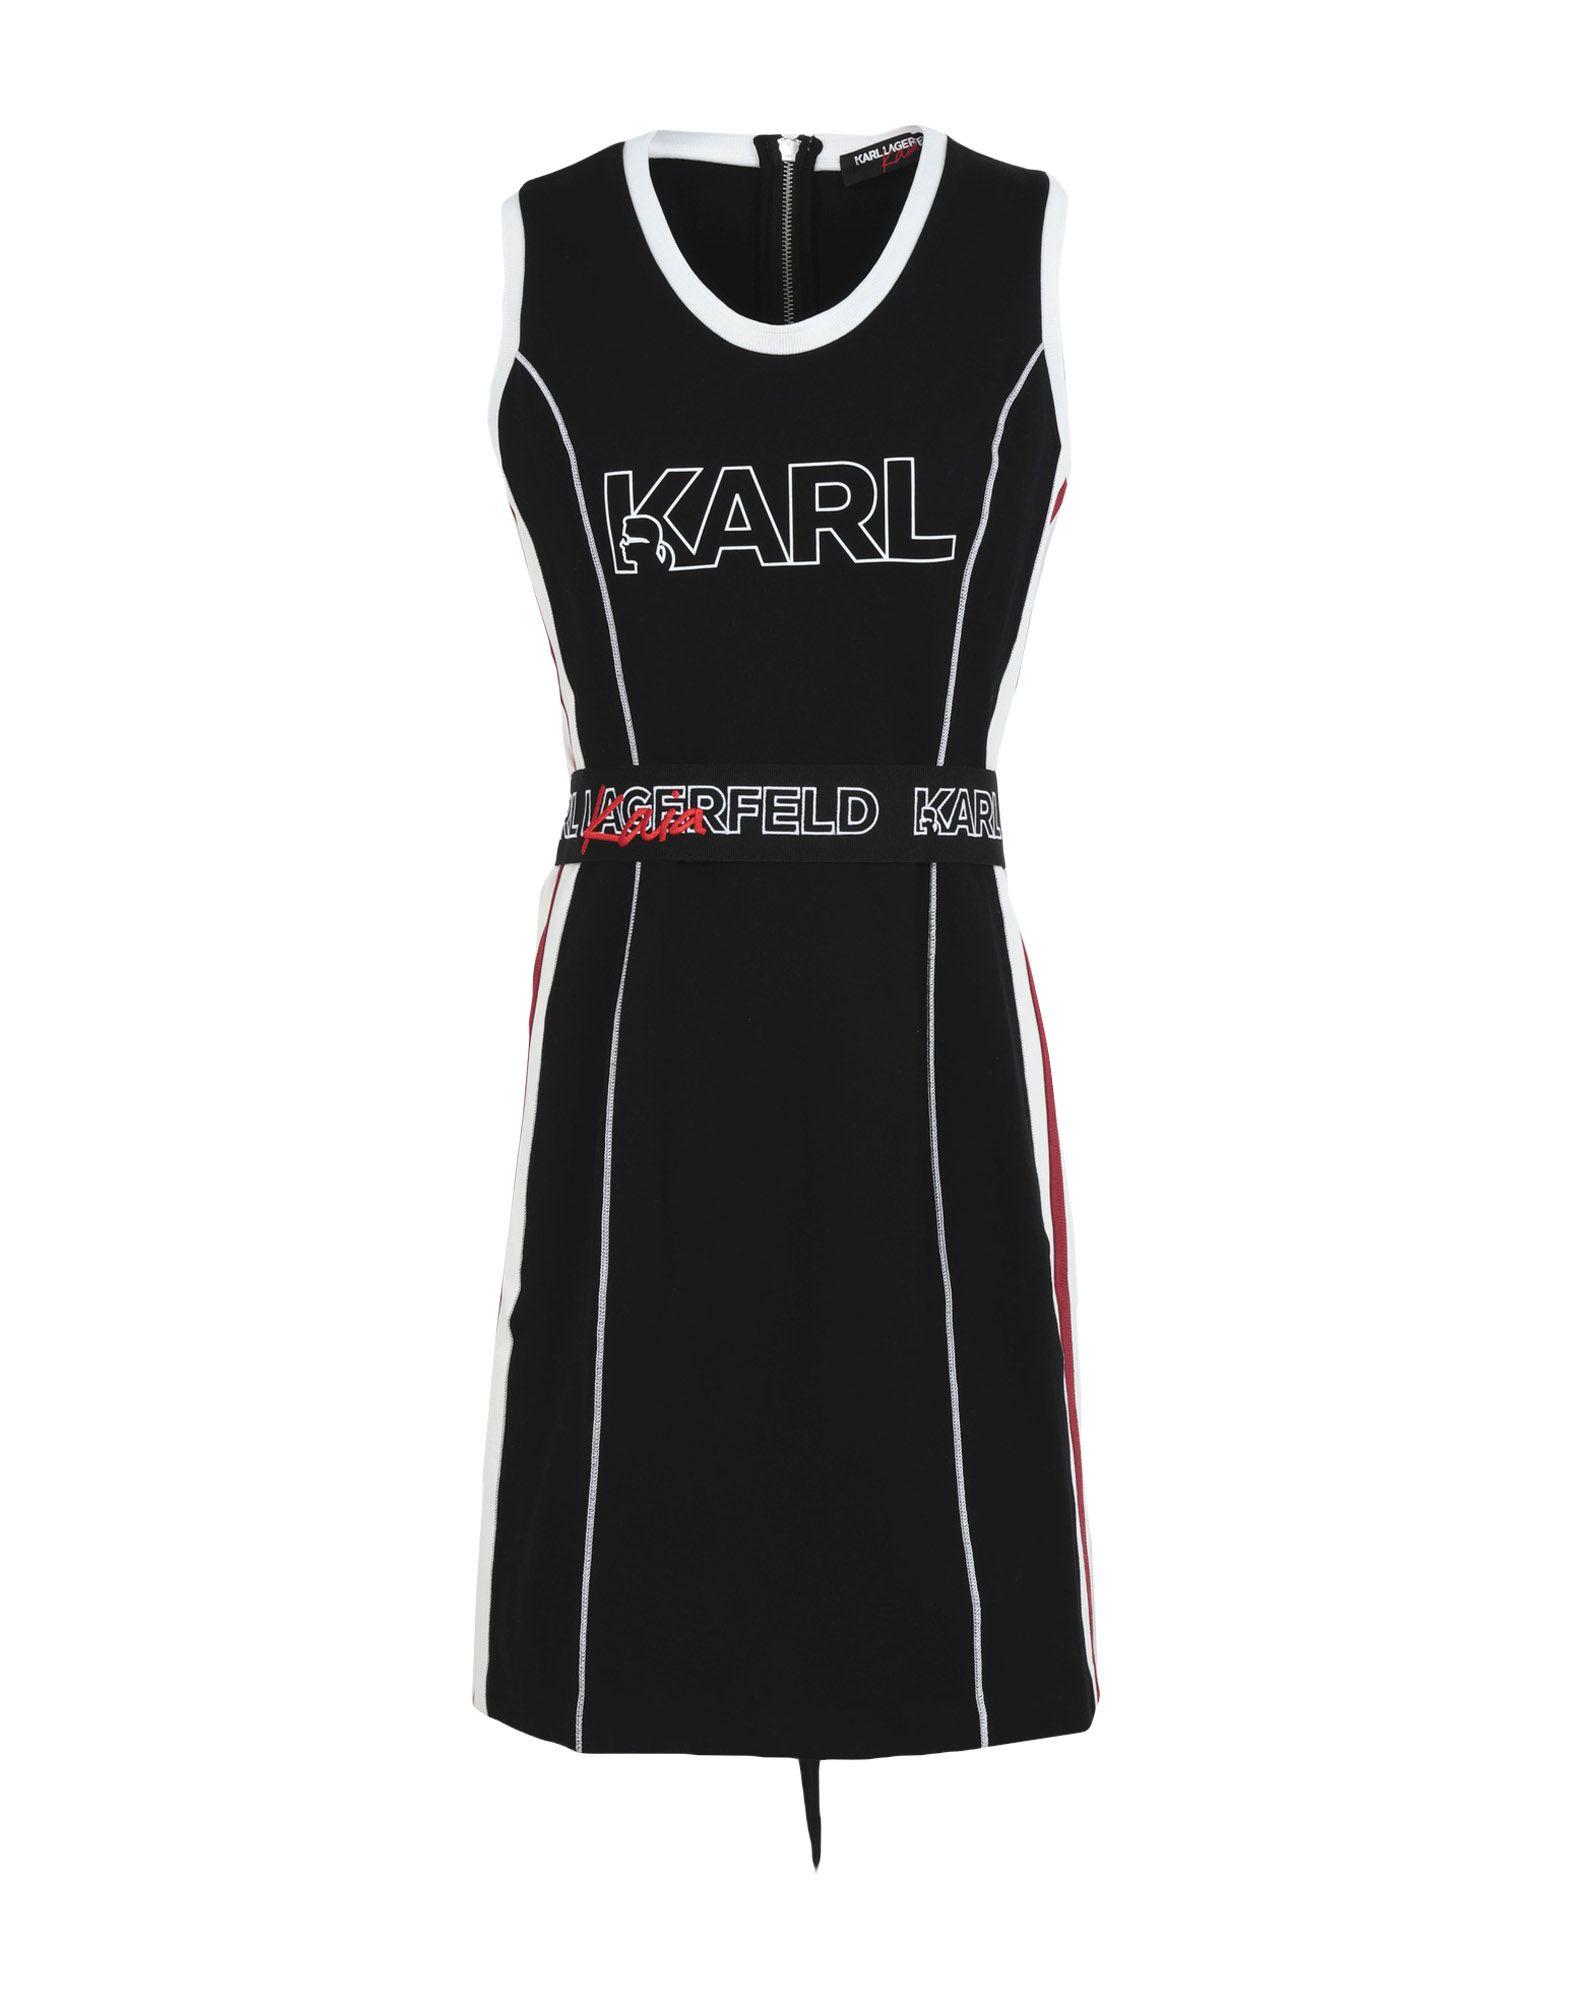 KARL LAGERFELD x KAIA Короткое платье karl lagerfeld x kaia короткое платье